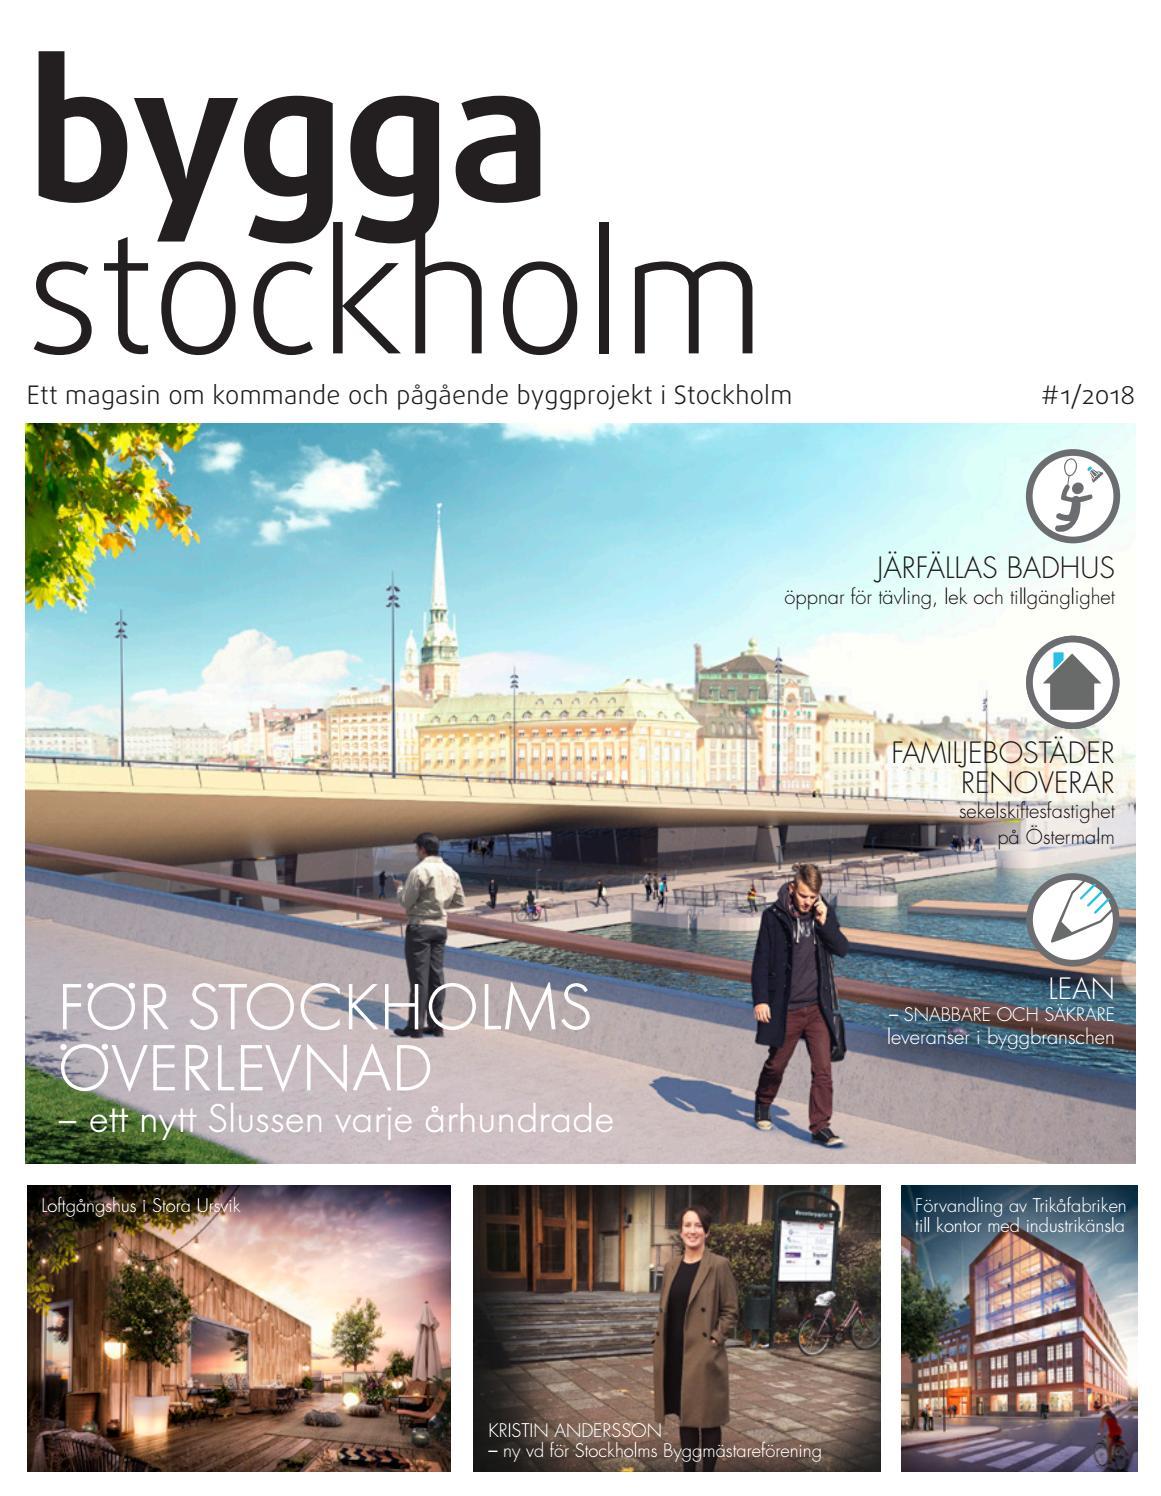 Stockholms stad lovar nya skisser av slussen